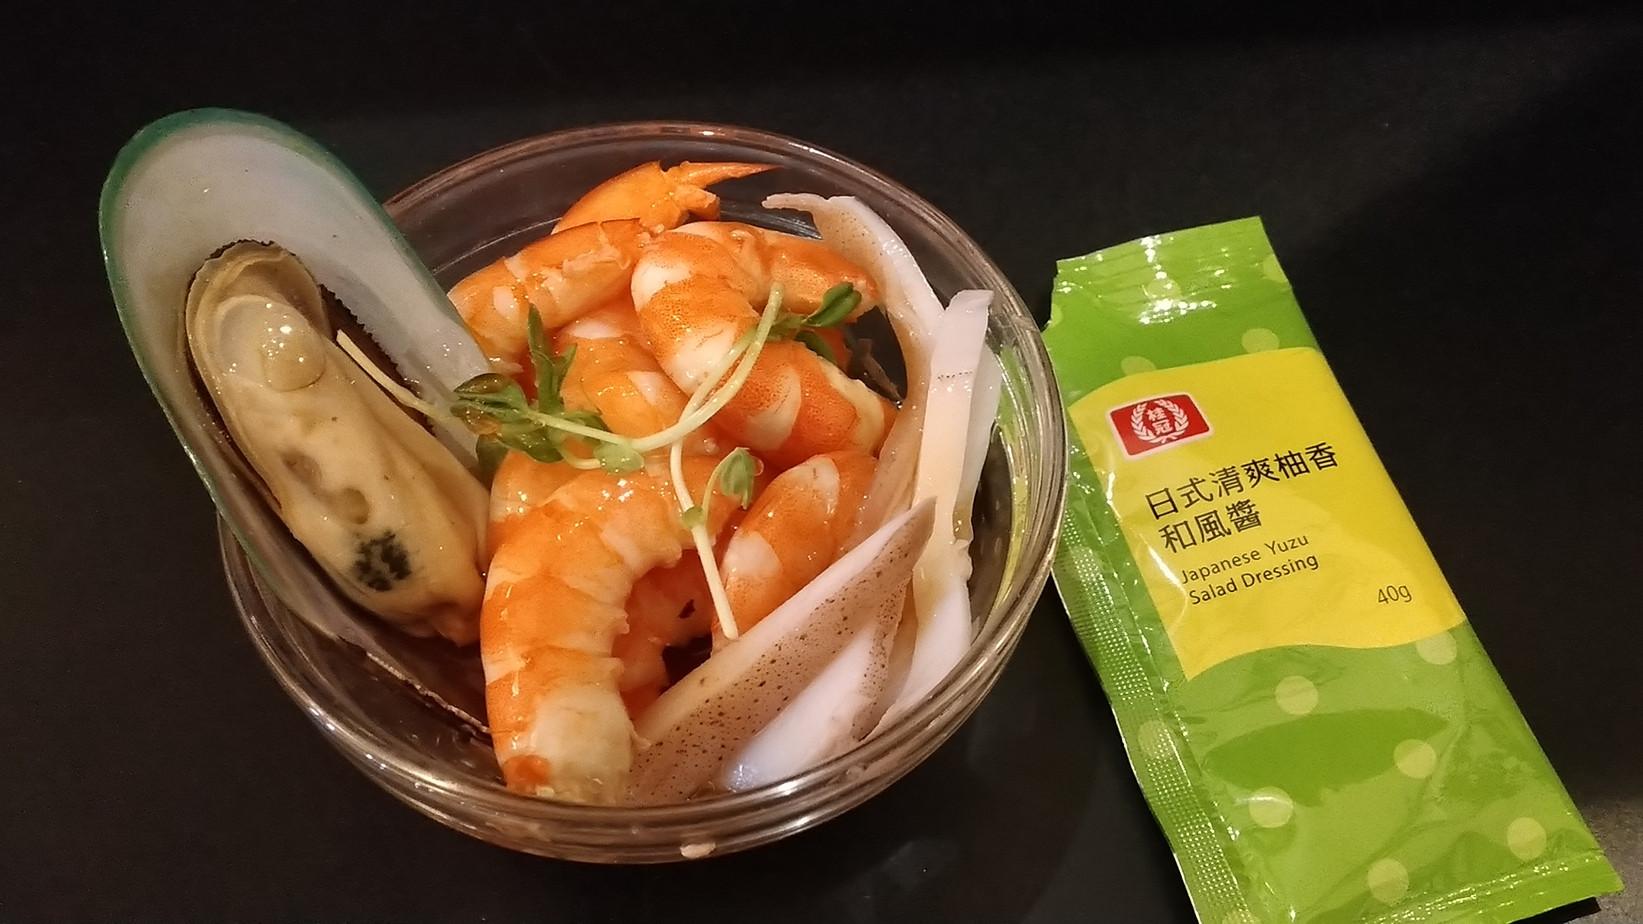 3種口味炎夏清爽好吃桂冠沙拉的第 1 張圖片